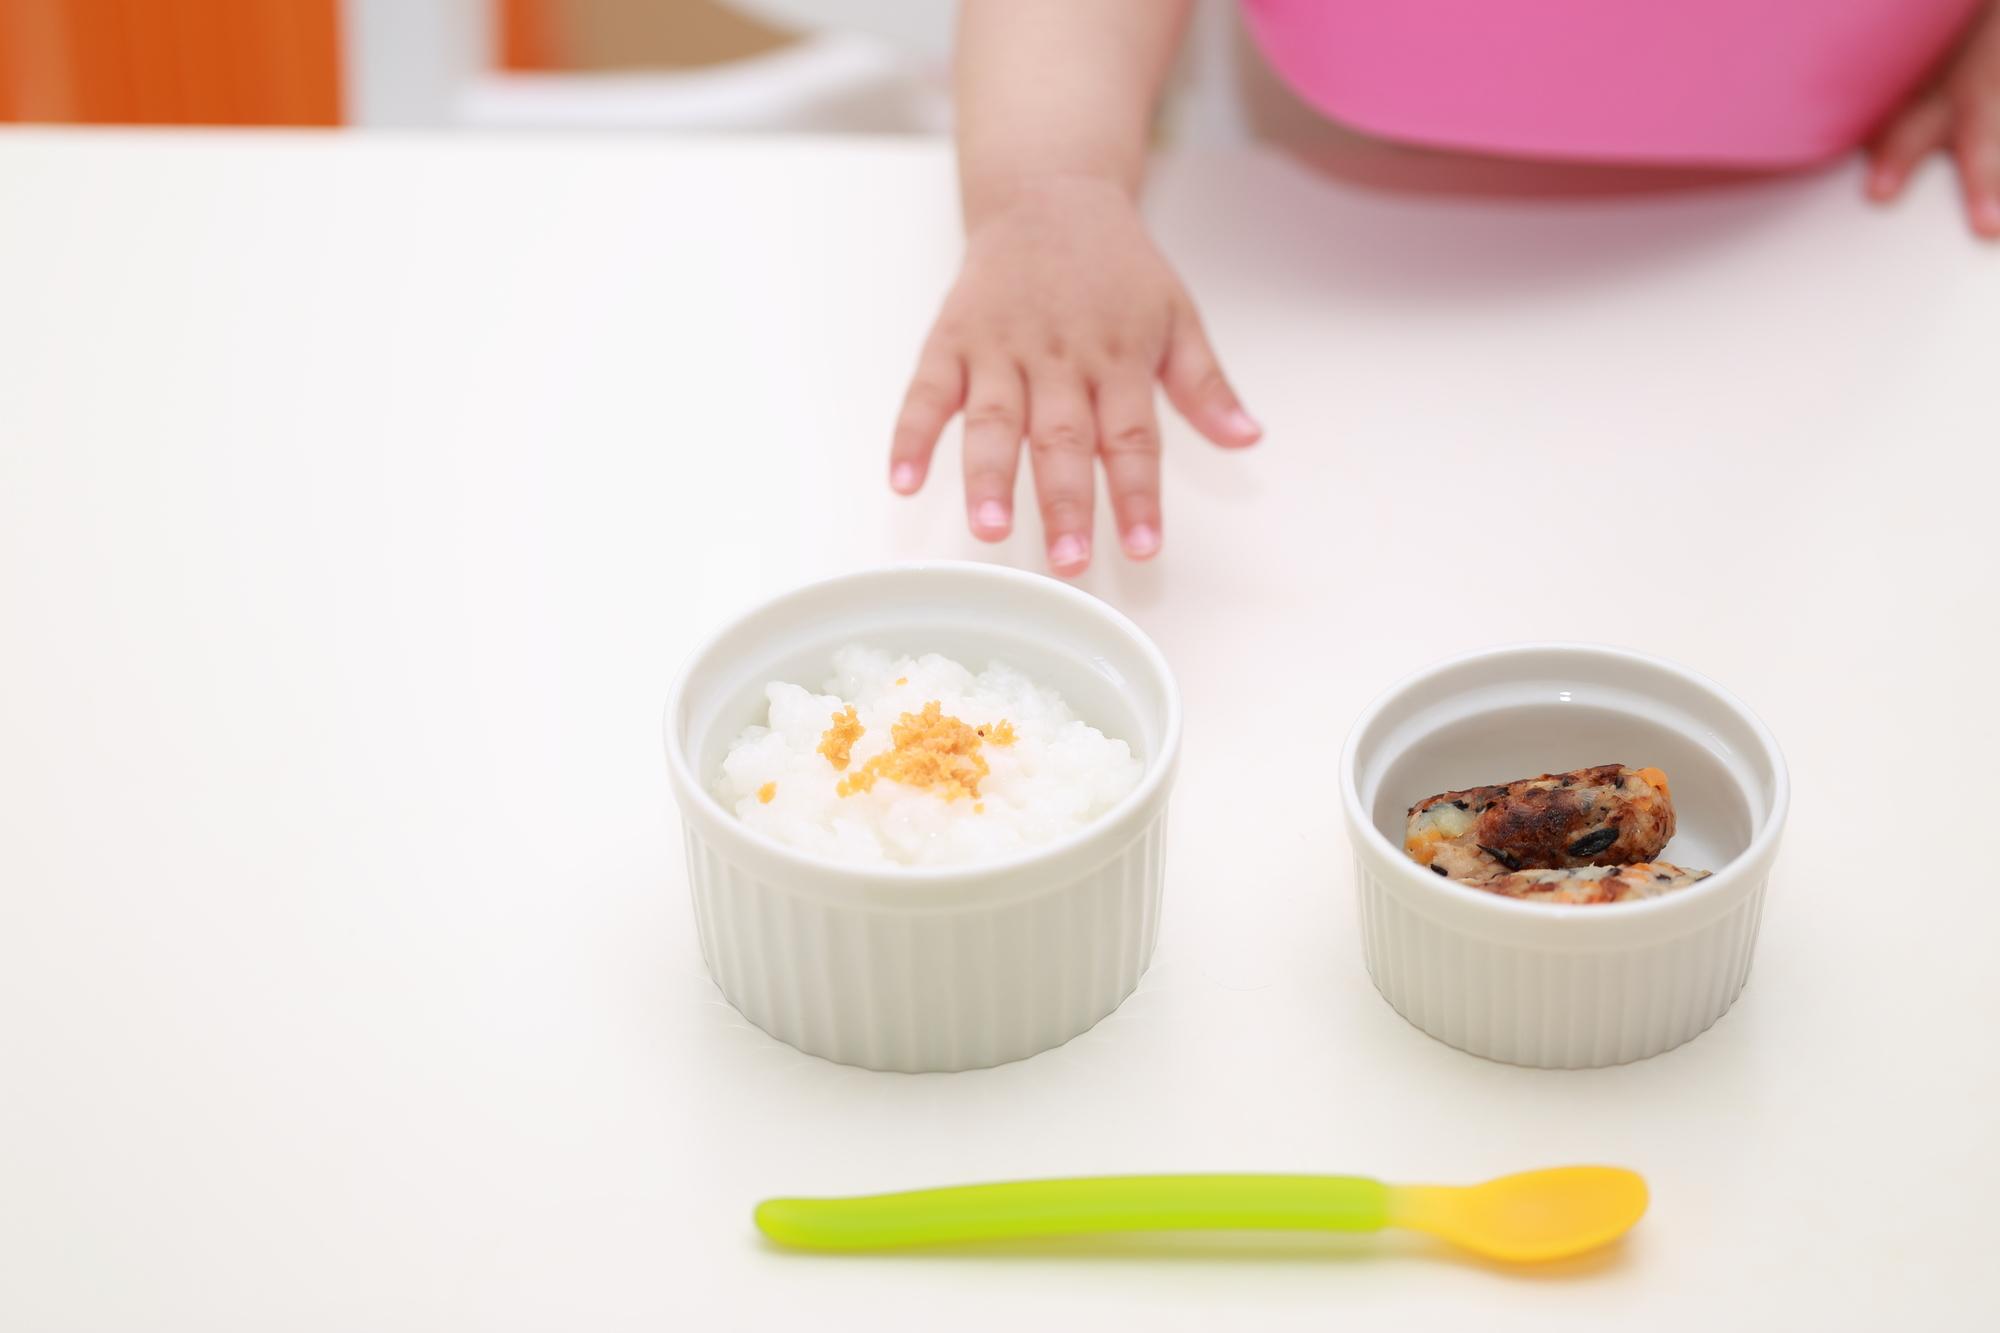 ご飯に手を伸ばす赤ちゃん